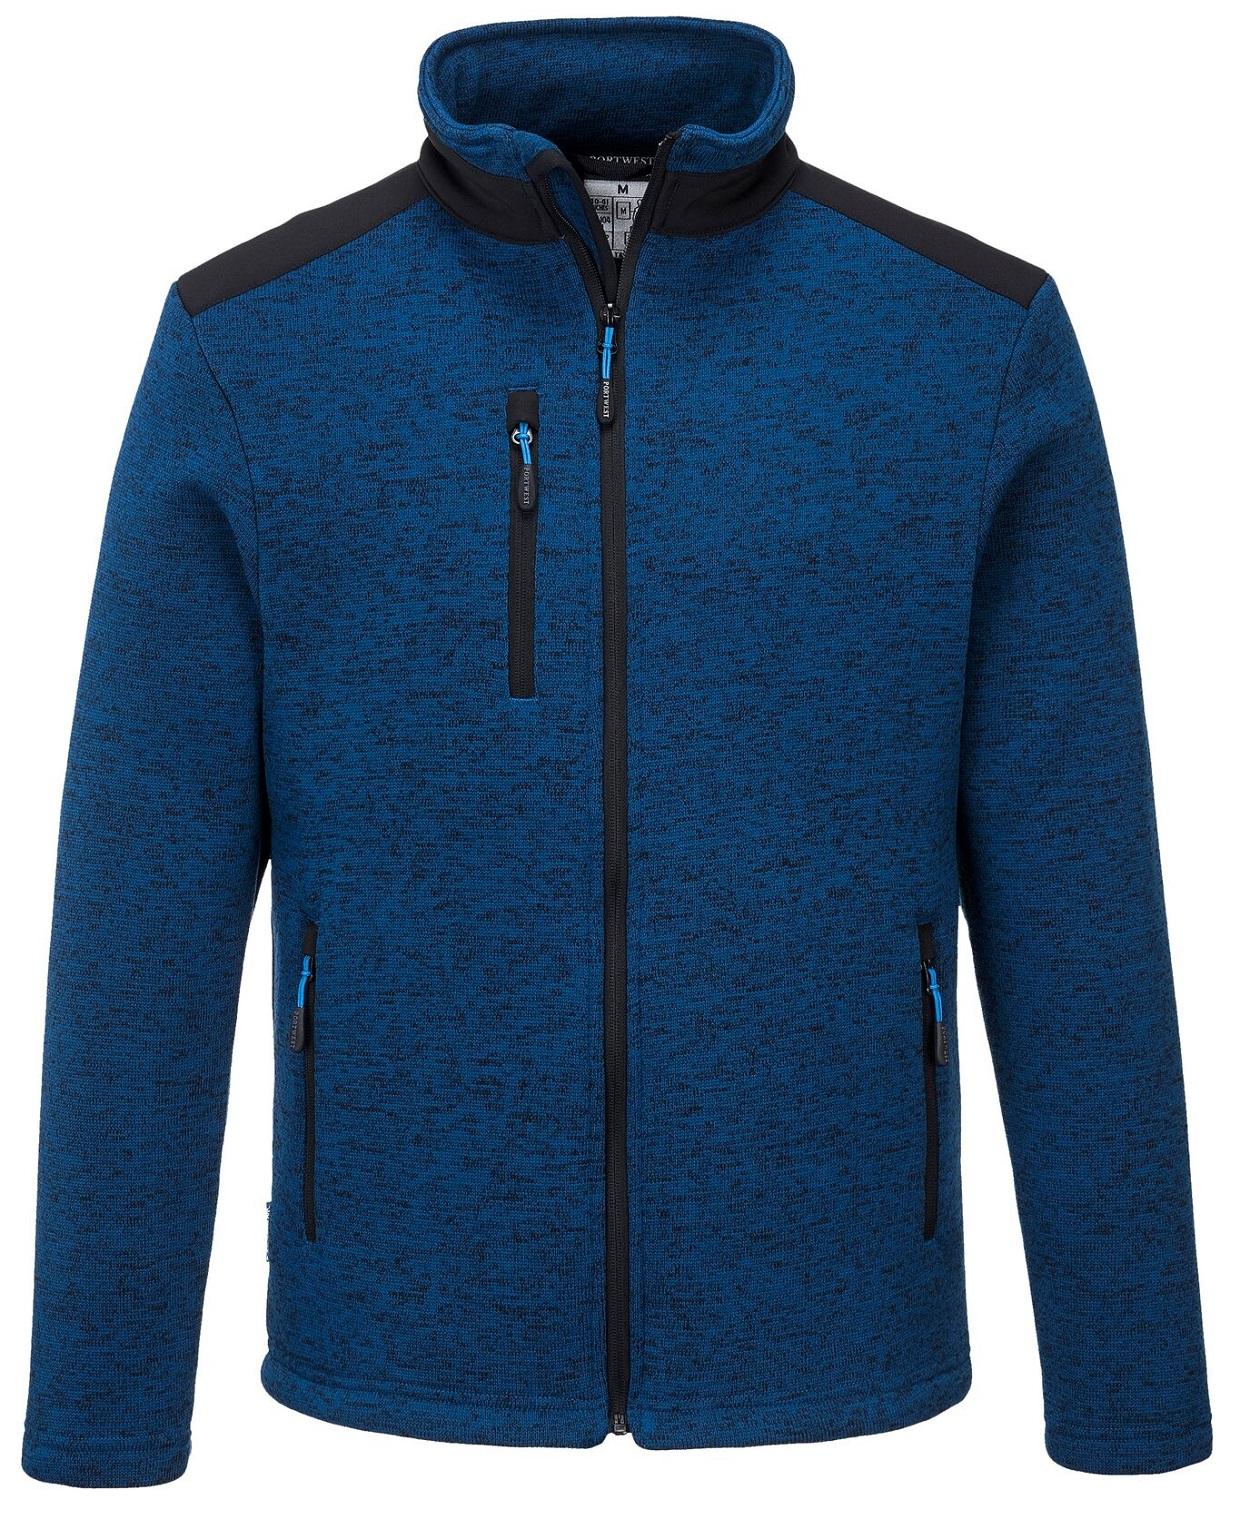 t830-persian blue